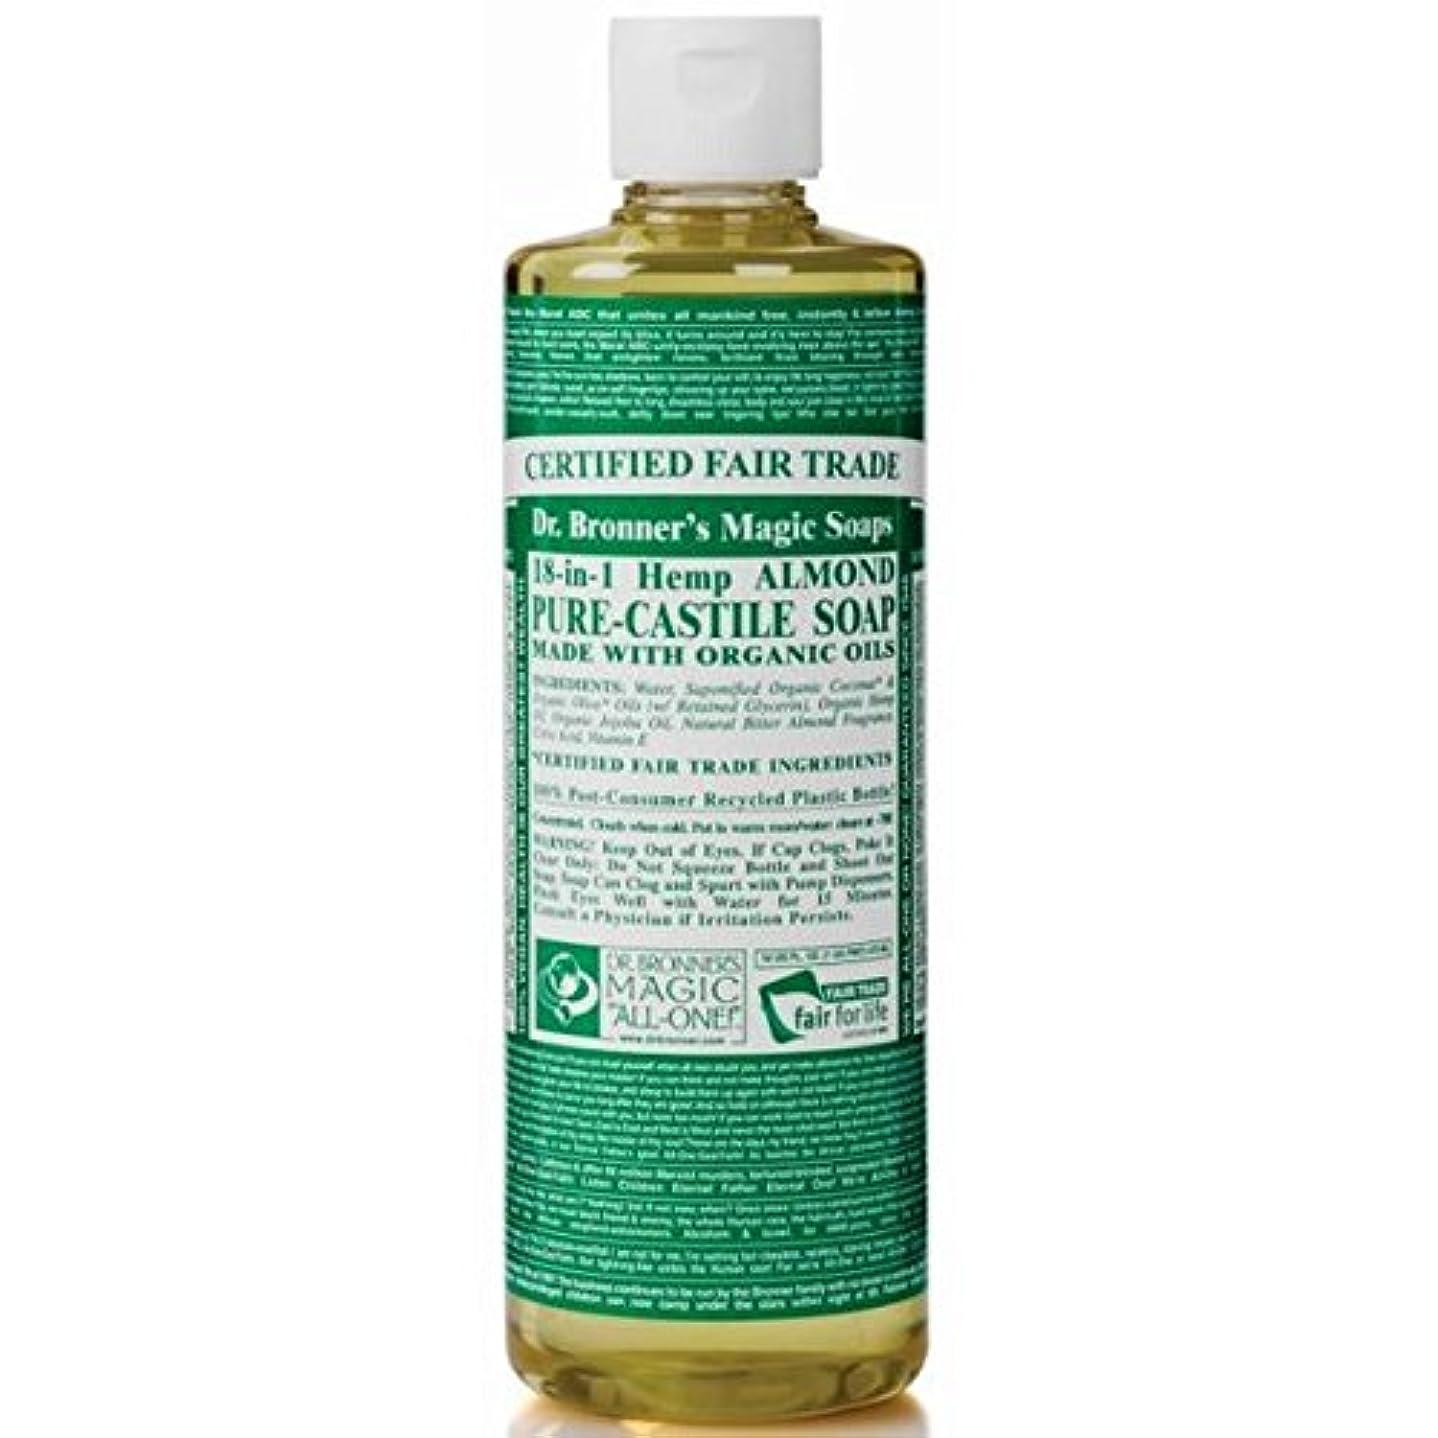 錆び方法論主婦のブロナー有機アーモンドカスティーリャ液体石鹸237ミリリットル x4 - Dr Bronner Organic Almond Castile Liquid Soap 237ml (Pack of 4) [並行輸入品]